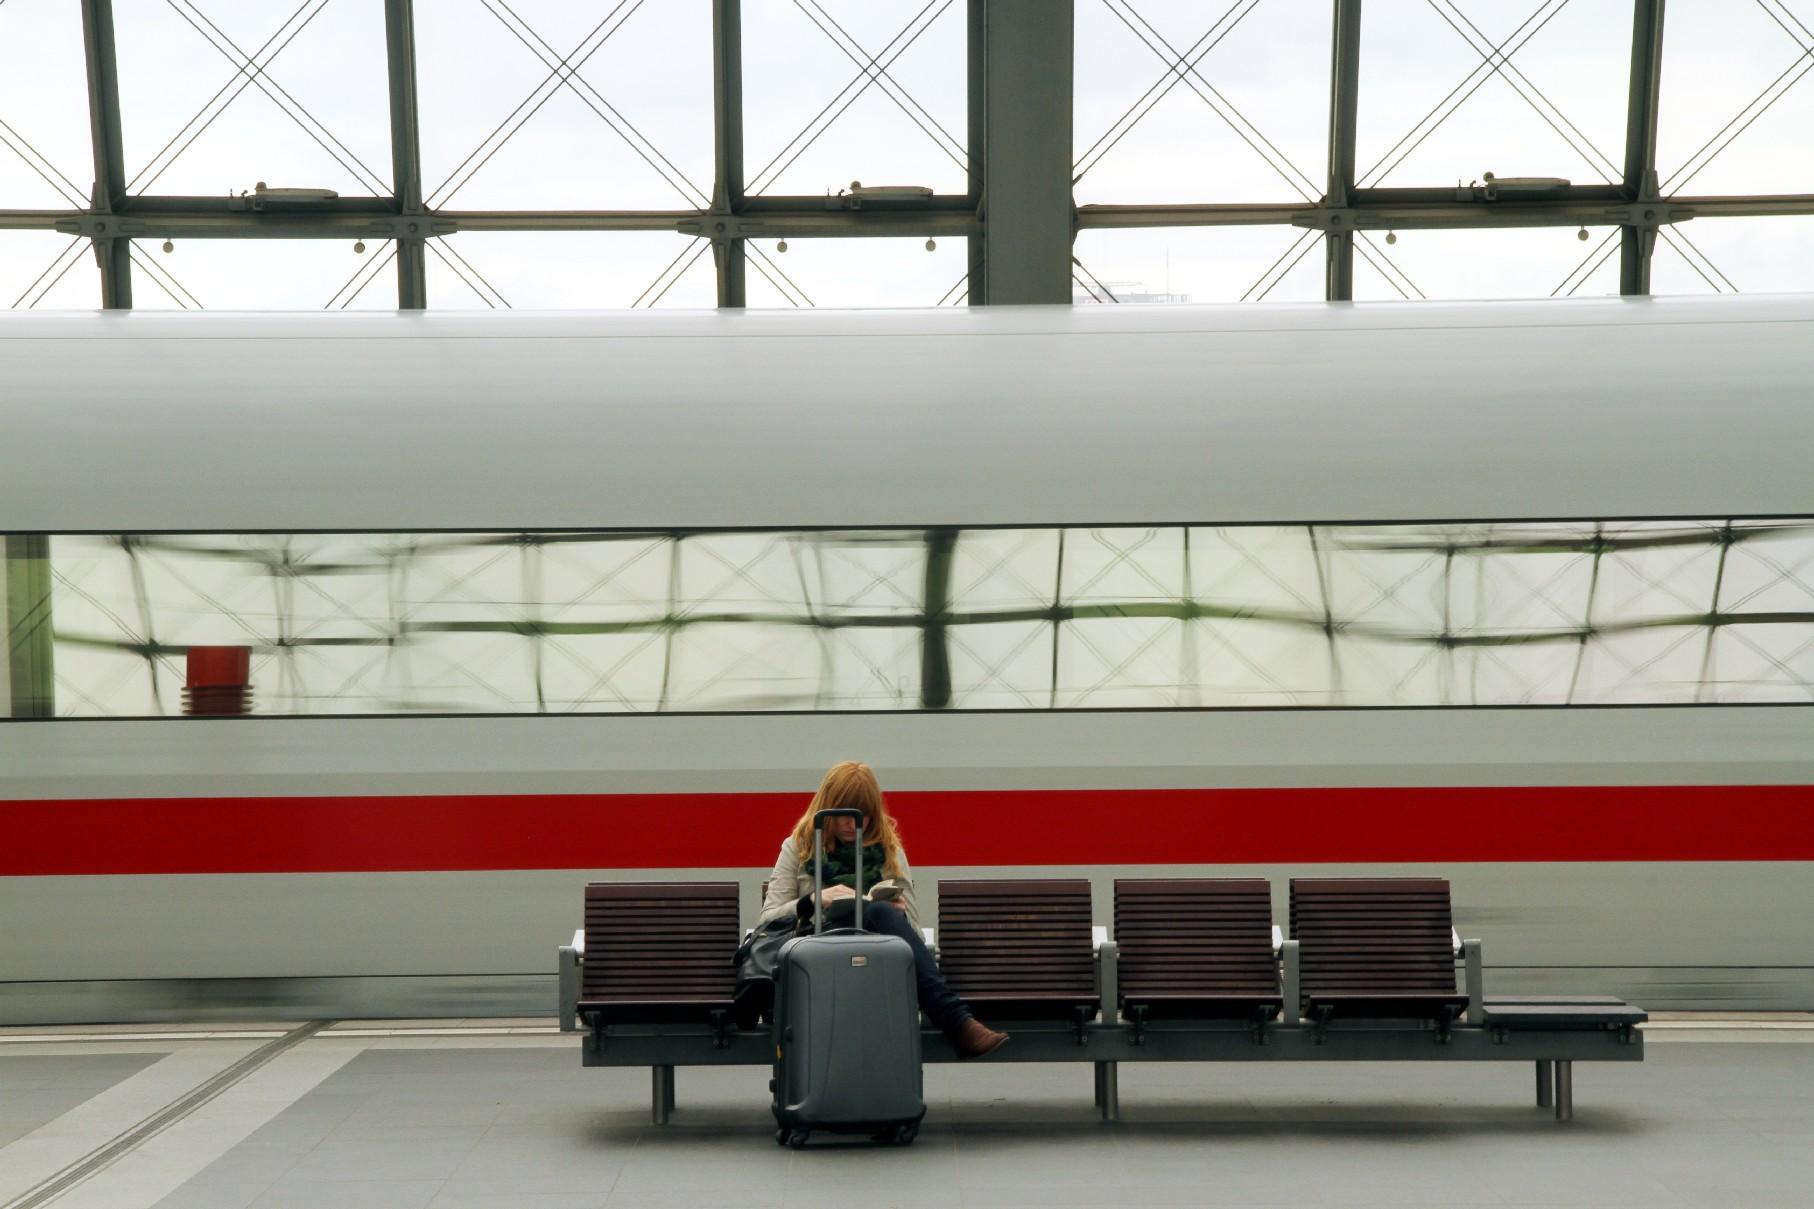 Viajantes com orçamento apertado contam com passes que integram empresas em mais de 20 países europeus e oferecem opções de combinações de acordo com os dias de viagem. Na foto, estação de trem de Berlim (foto: Eduardo Vessoni) www.eurail.com